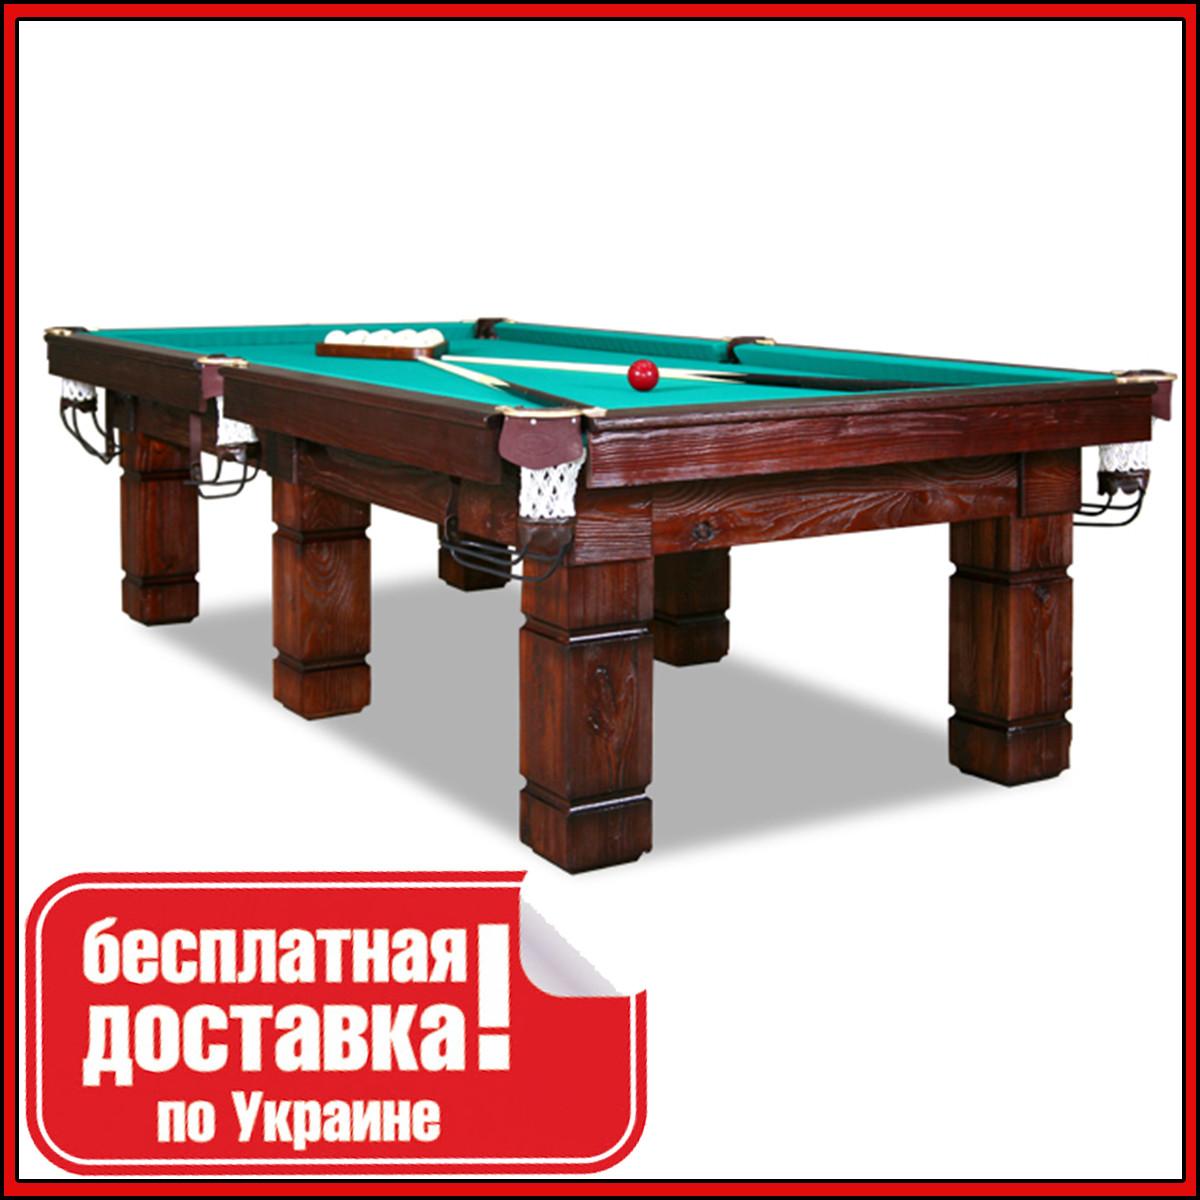 Більярдний стіл для пулу АСКОЛЬД 8 футів Ардезія 2.2 м х 1.1 м з натурального дерева